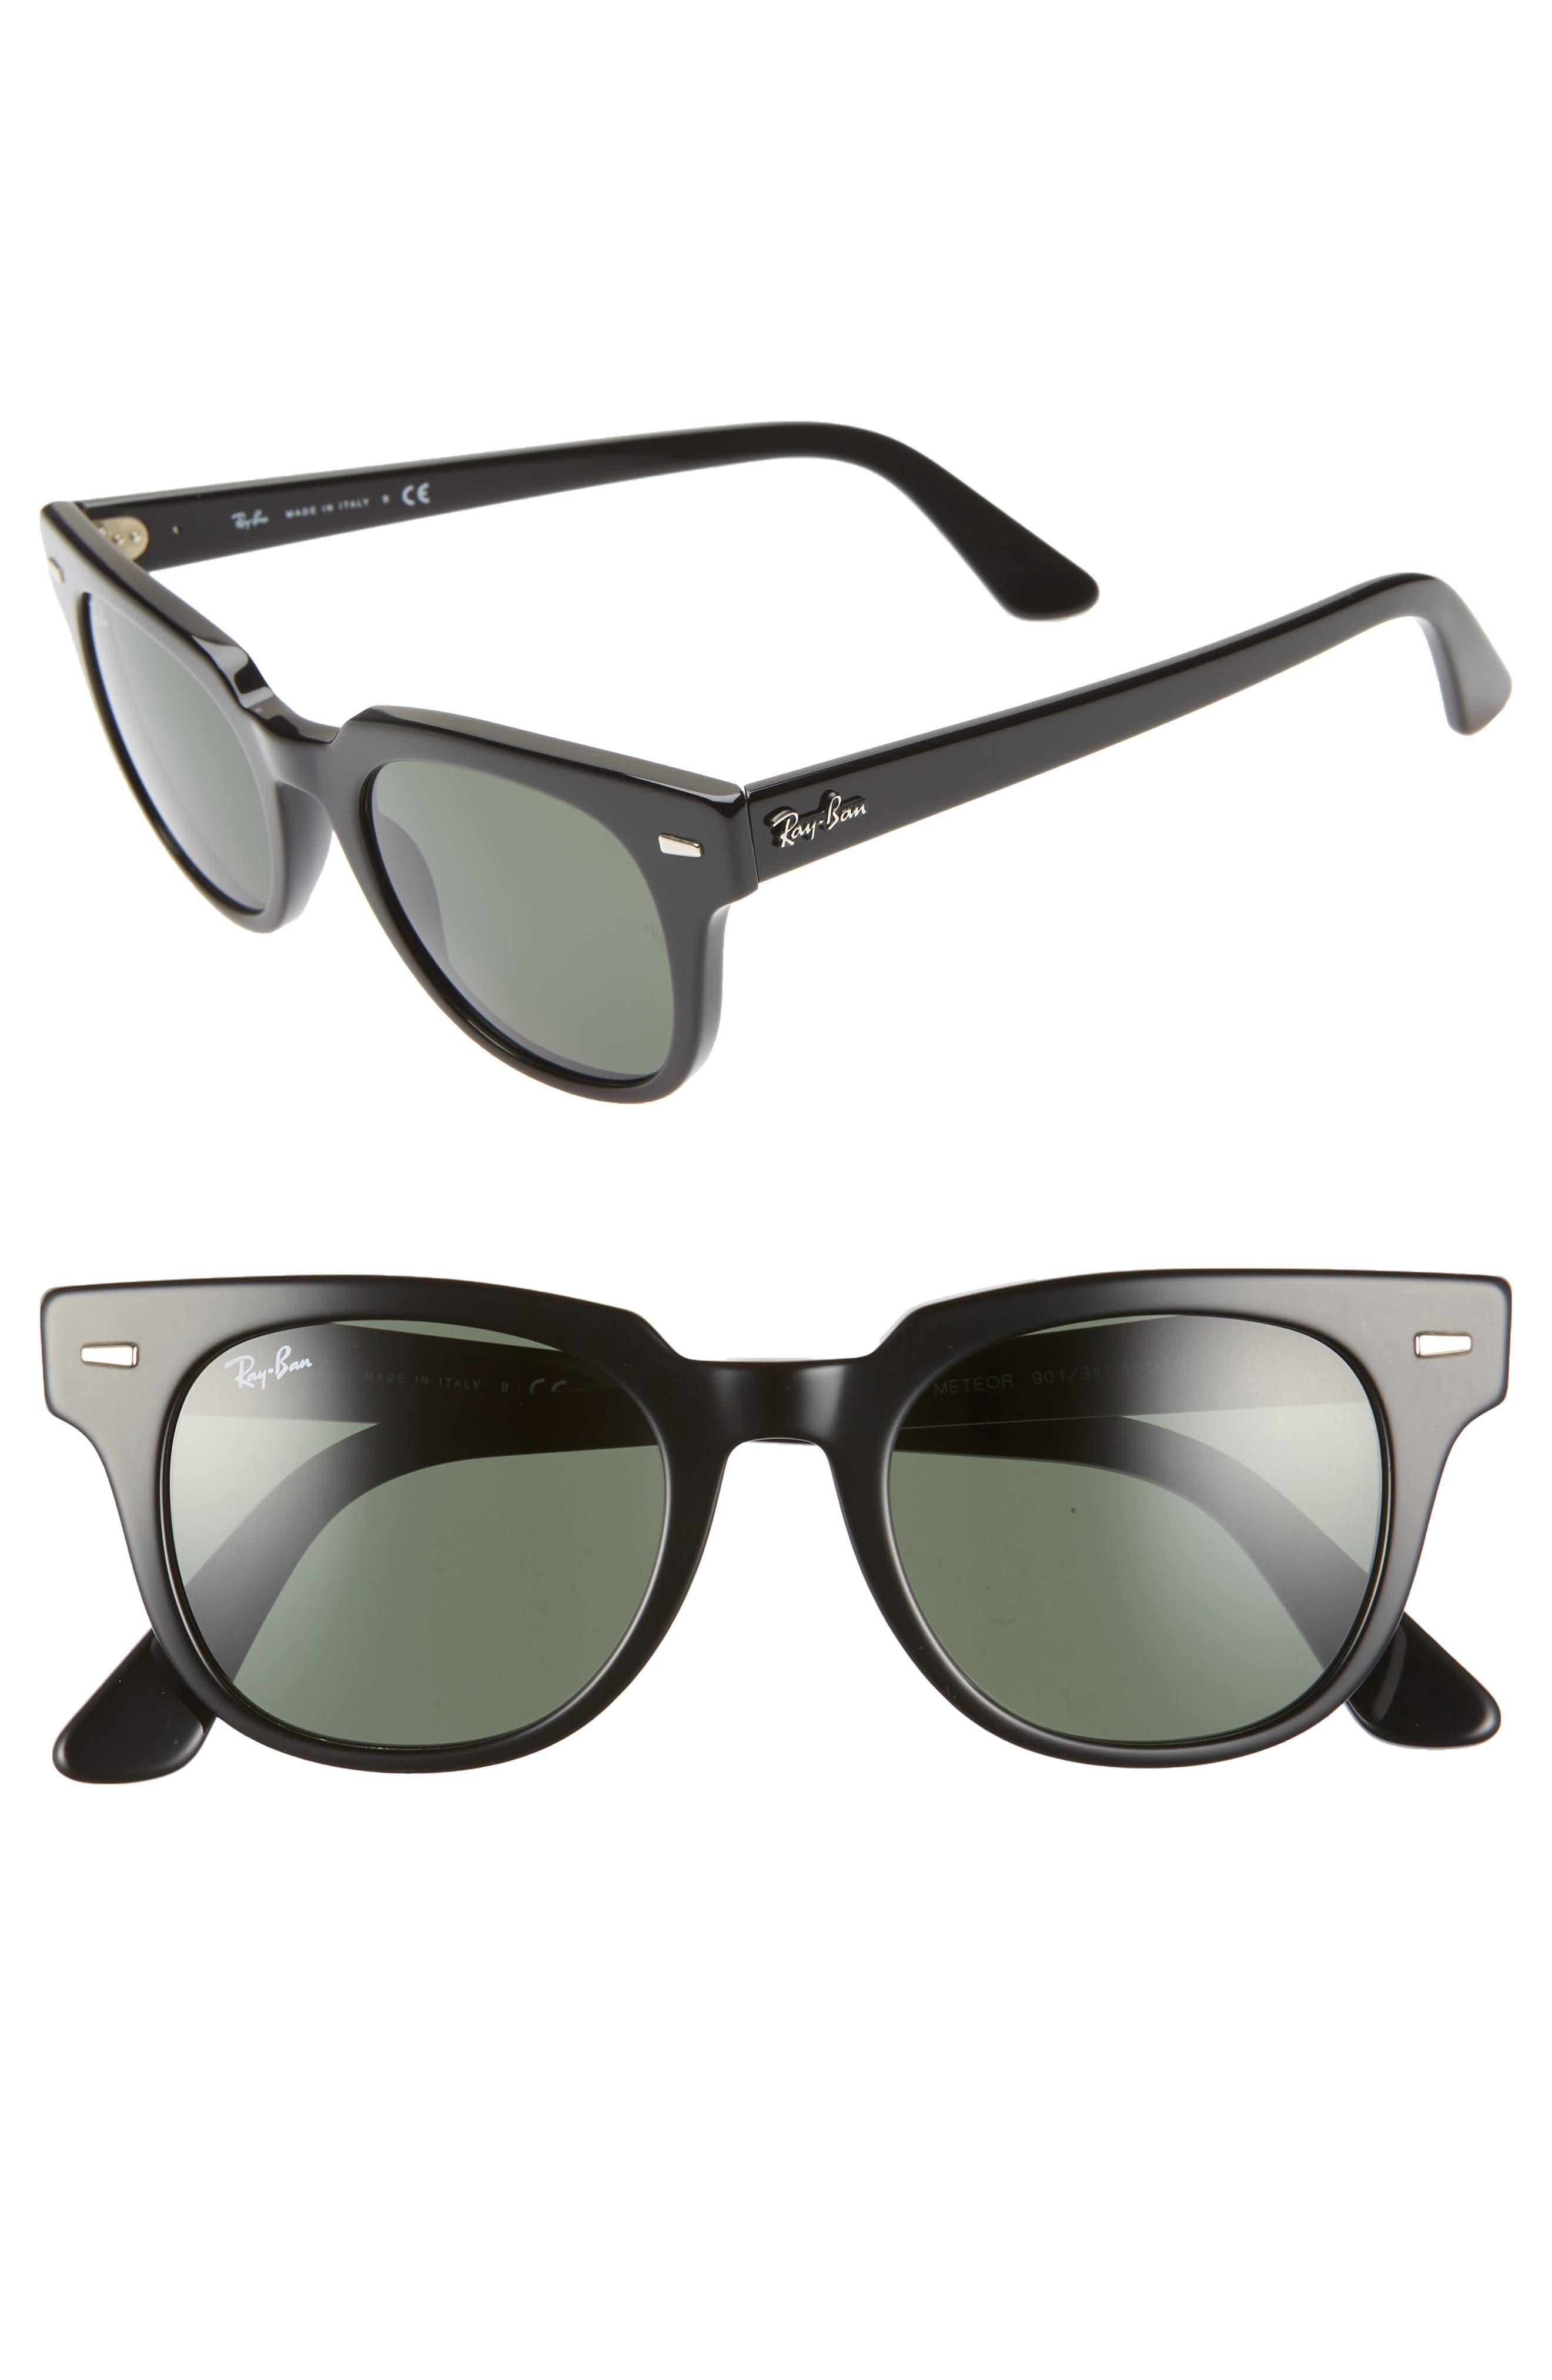 Wayfarer 50mm Square Sunglasses,                             Main thumbnail 1, color,                             BLACK